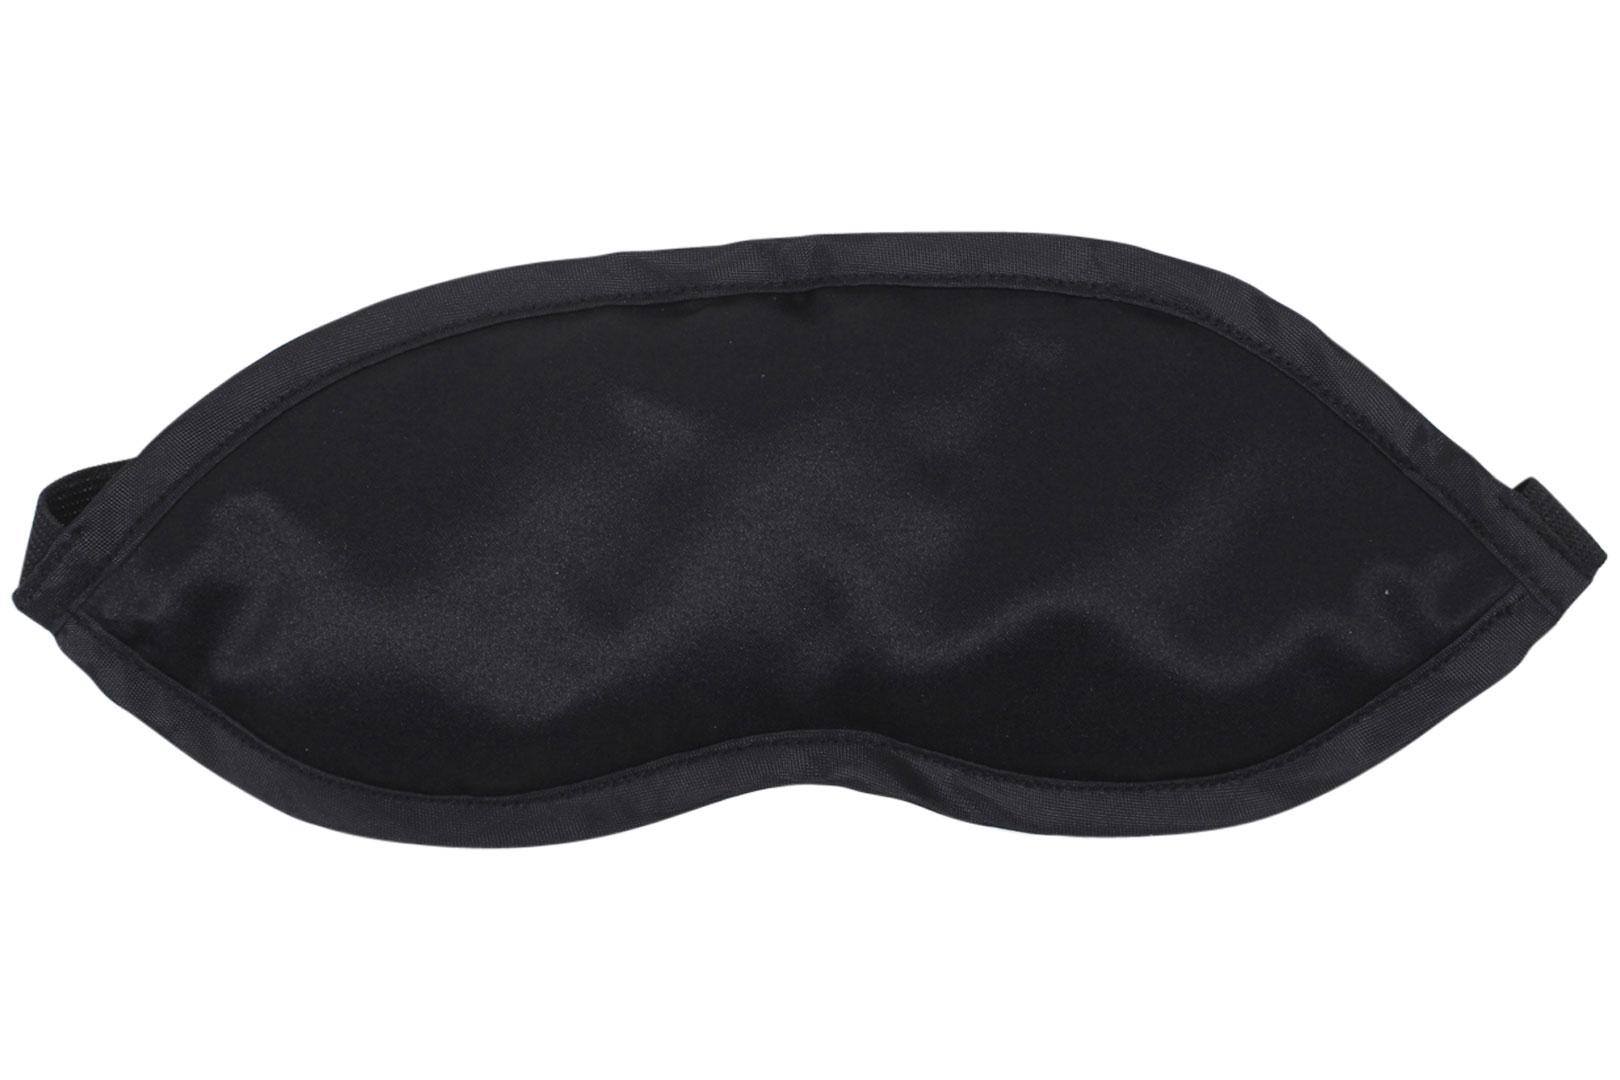 Image of The Eye Doctor Reusable Moist Heat Eye Compress